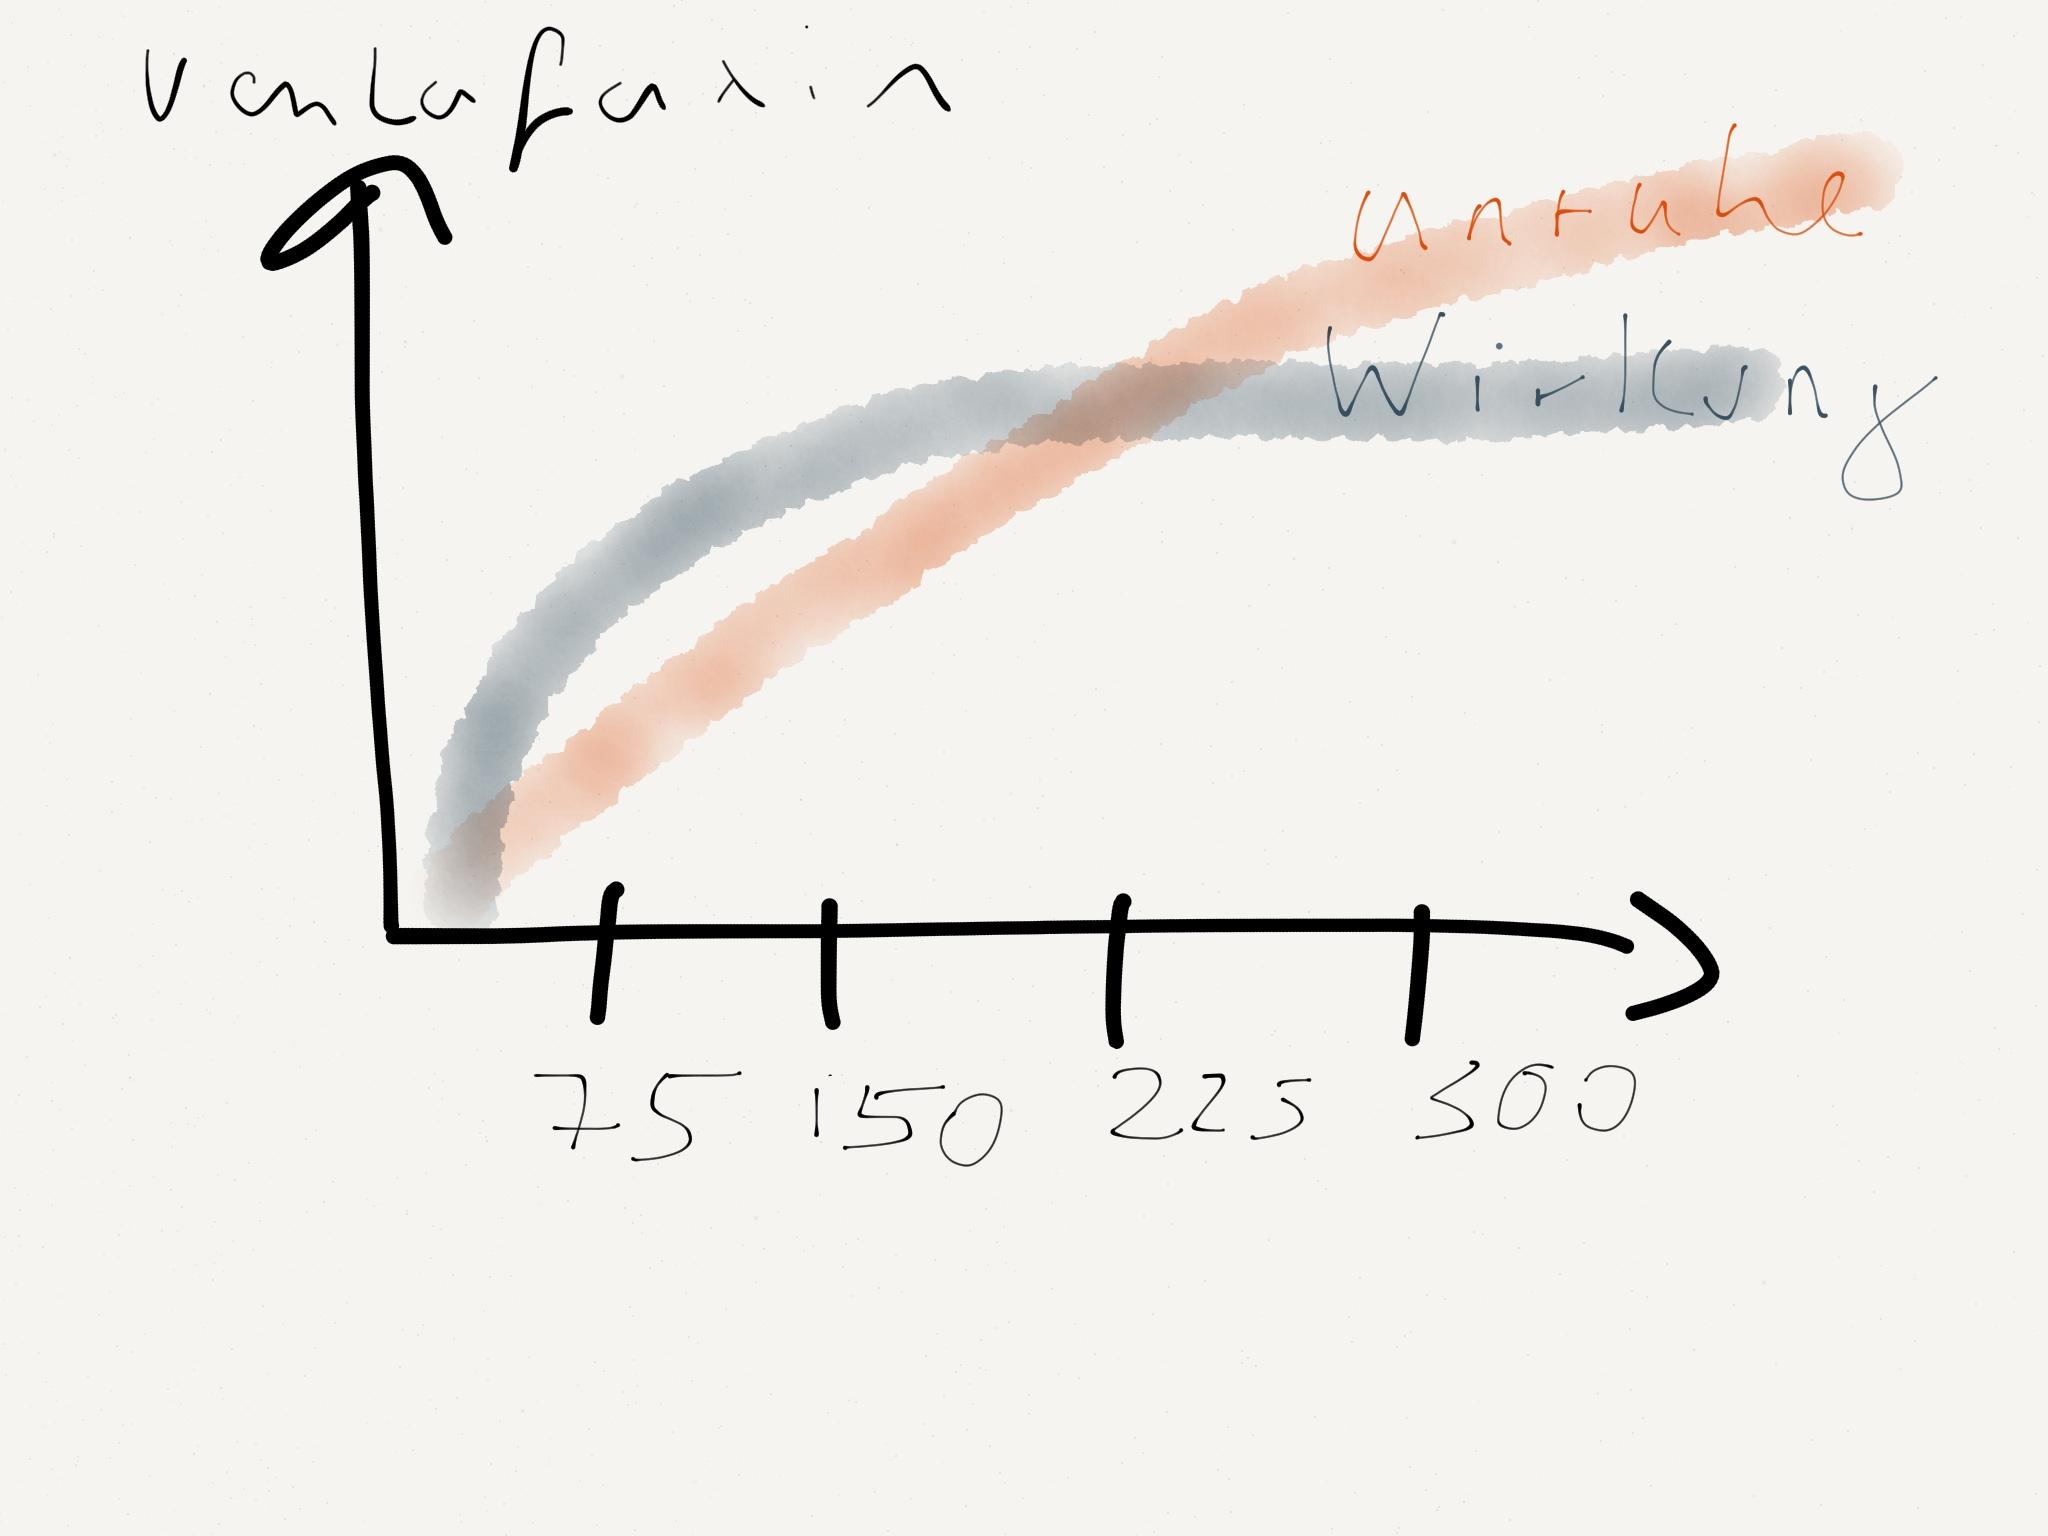 Wirkung und Nebenwirkungen von Venlafaxin in Abhängigkeit